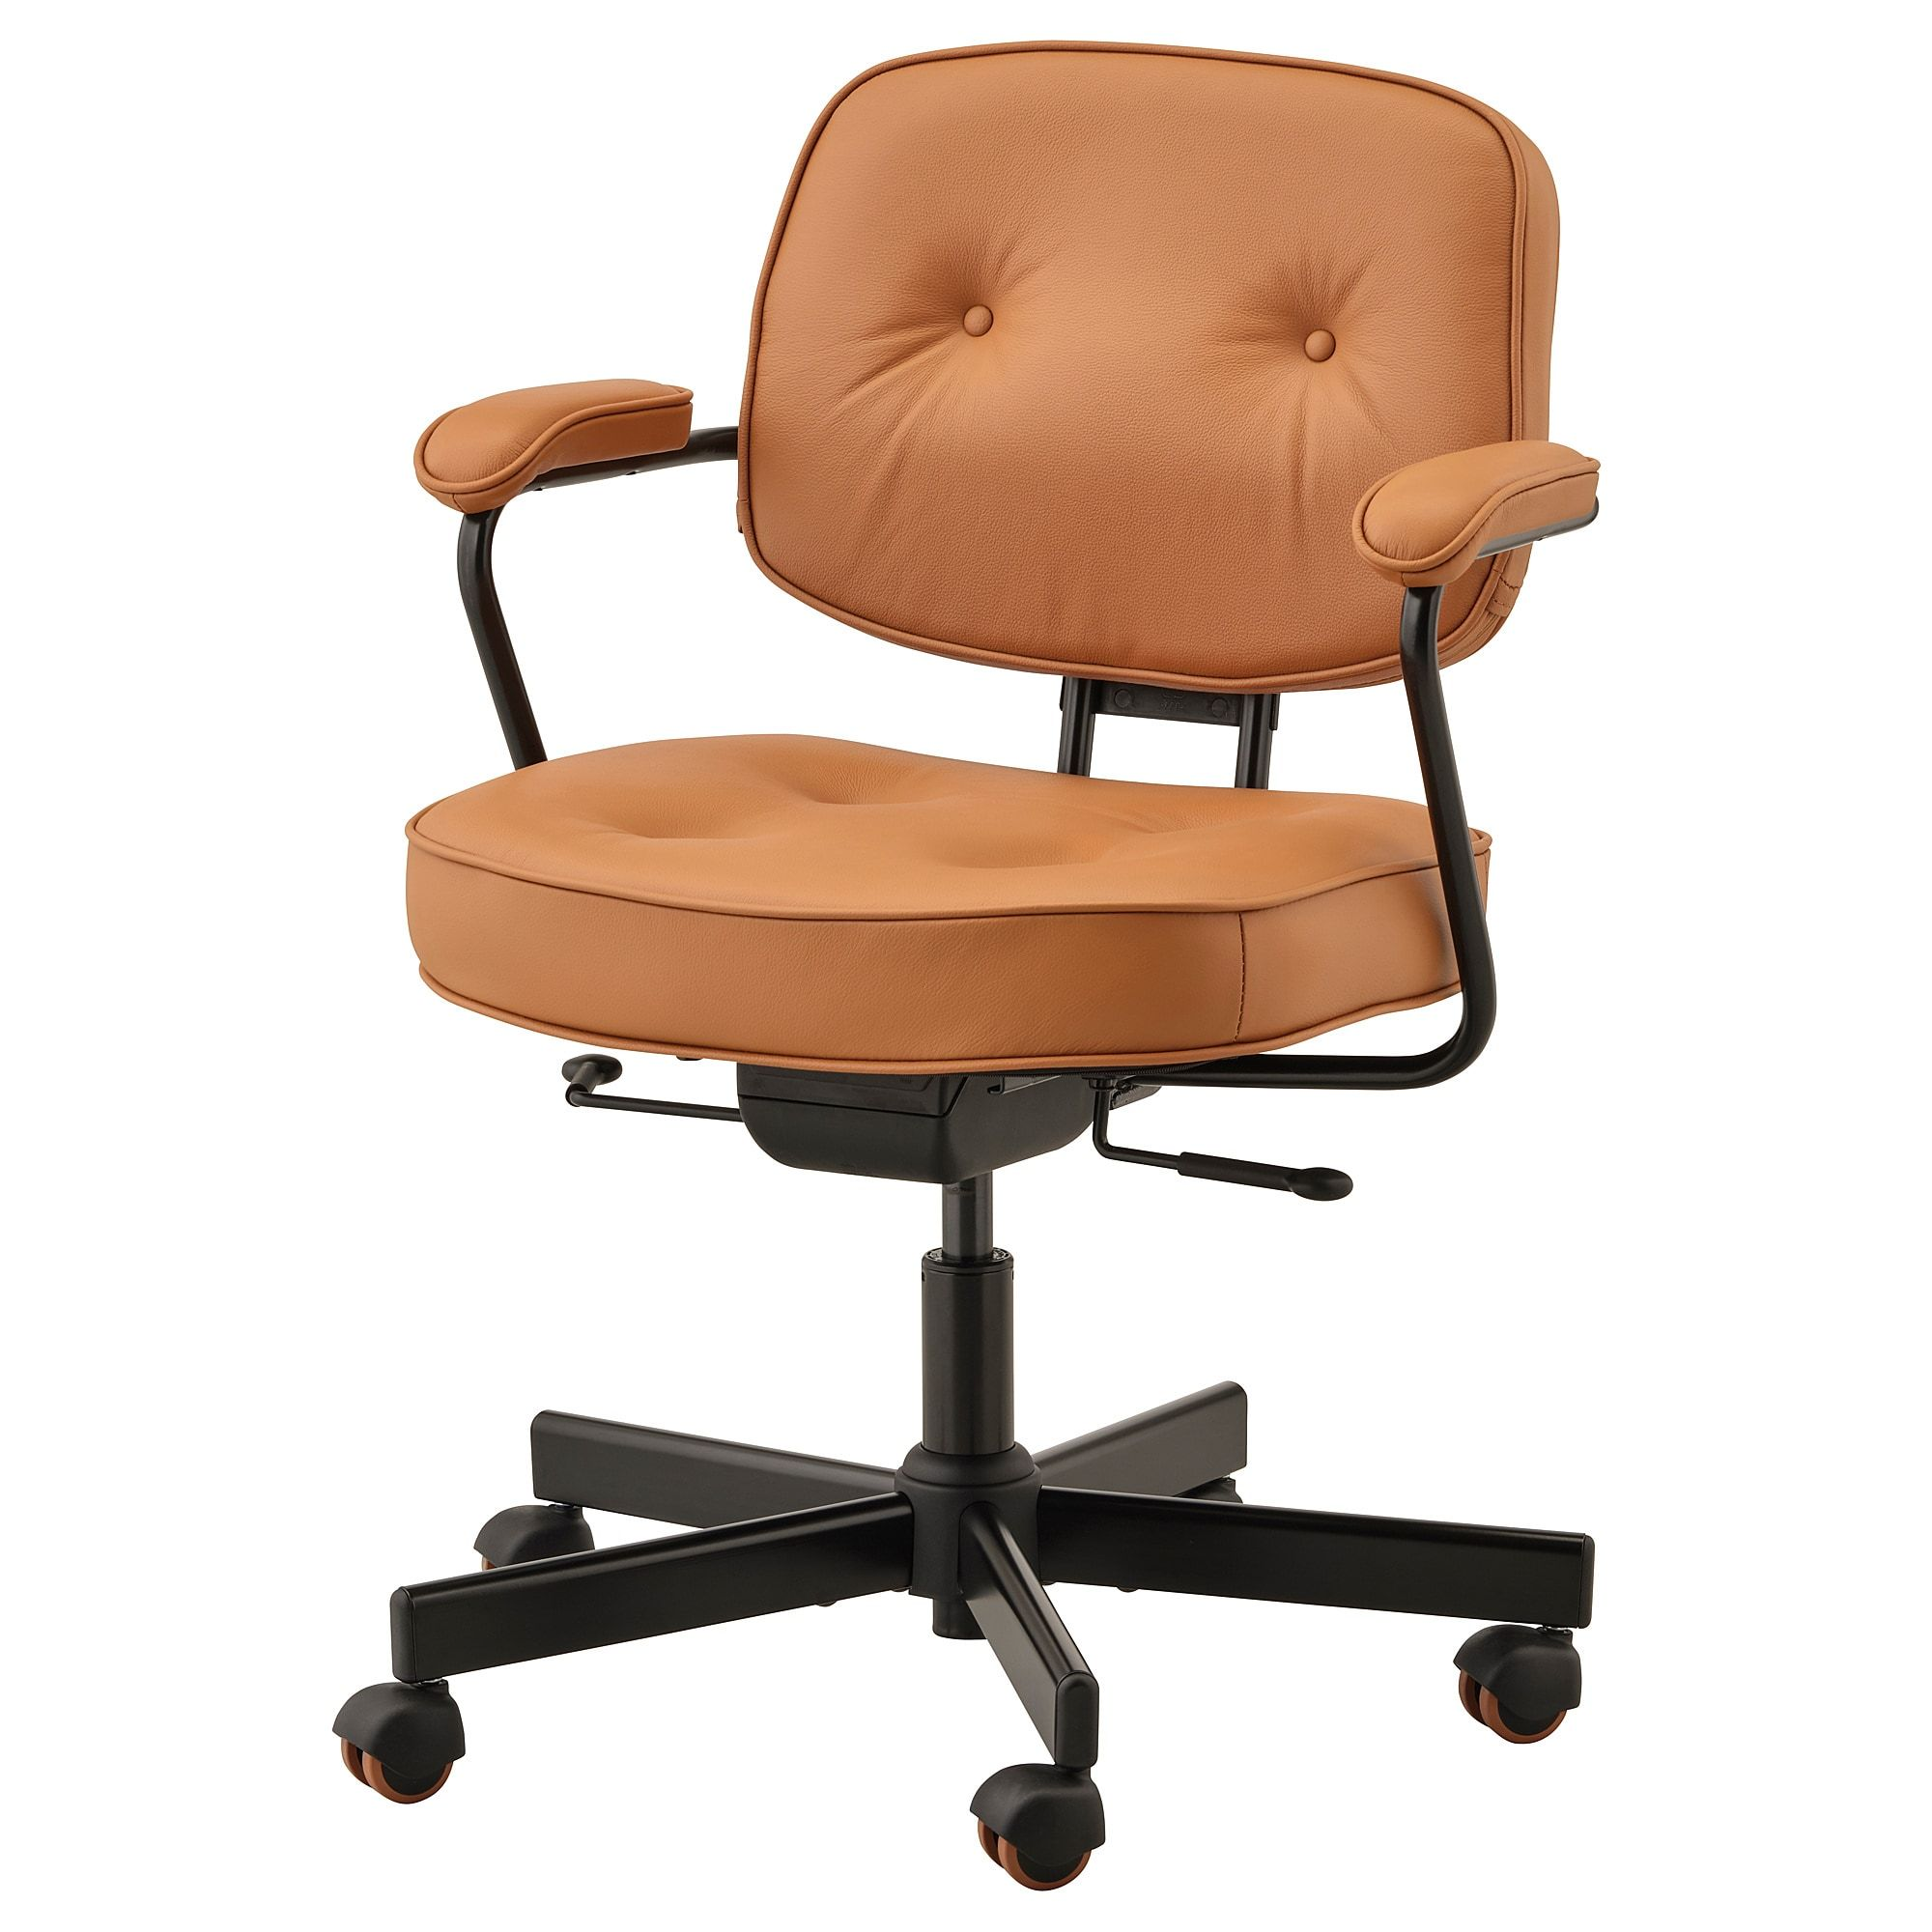 Alefjall Chaise De Bureau Grann Brun Dore Ikea In 2020 Office Chair Ikea Office Chair Home Office Chairs